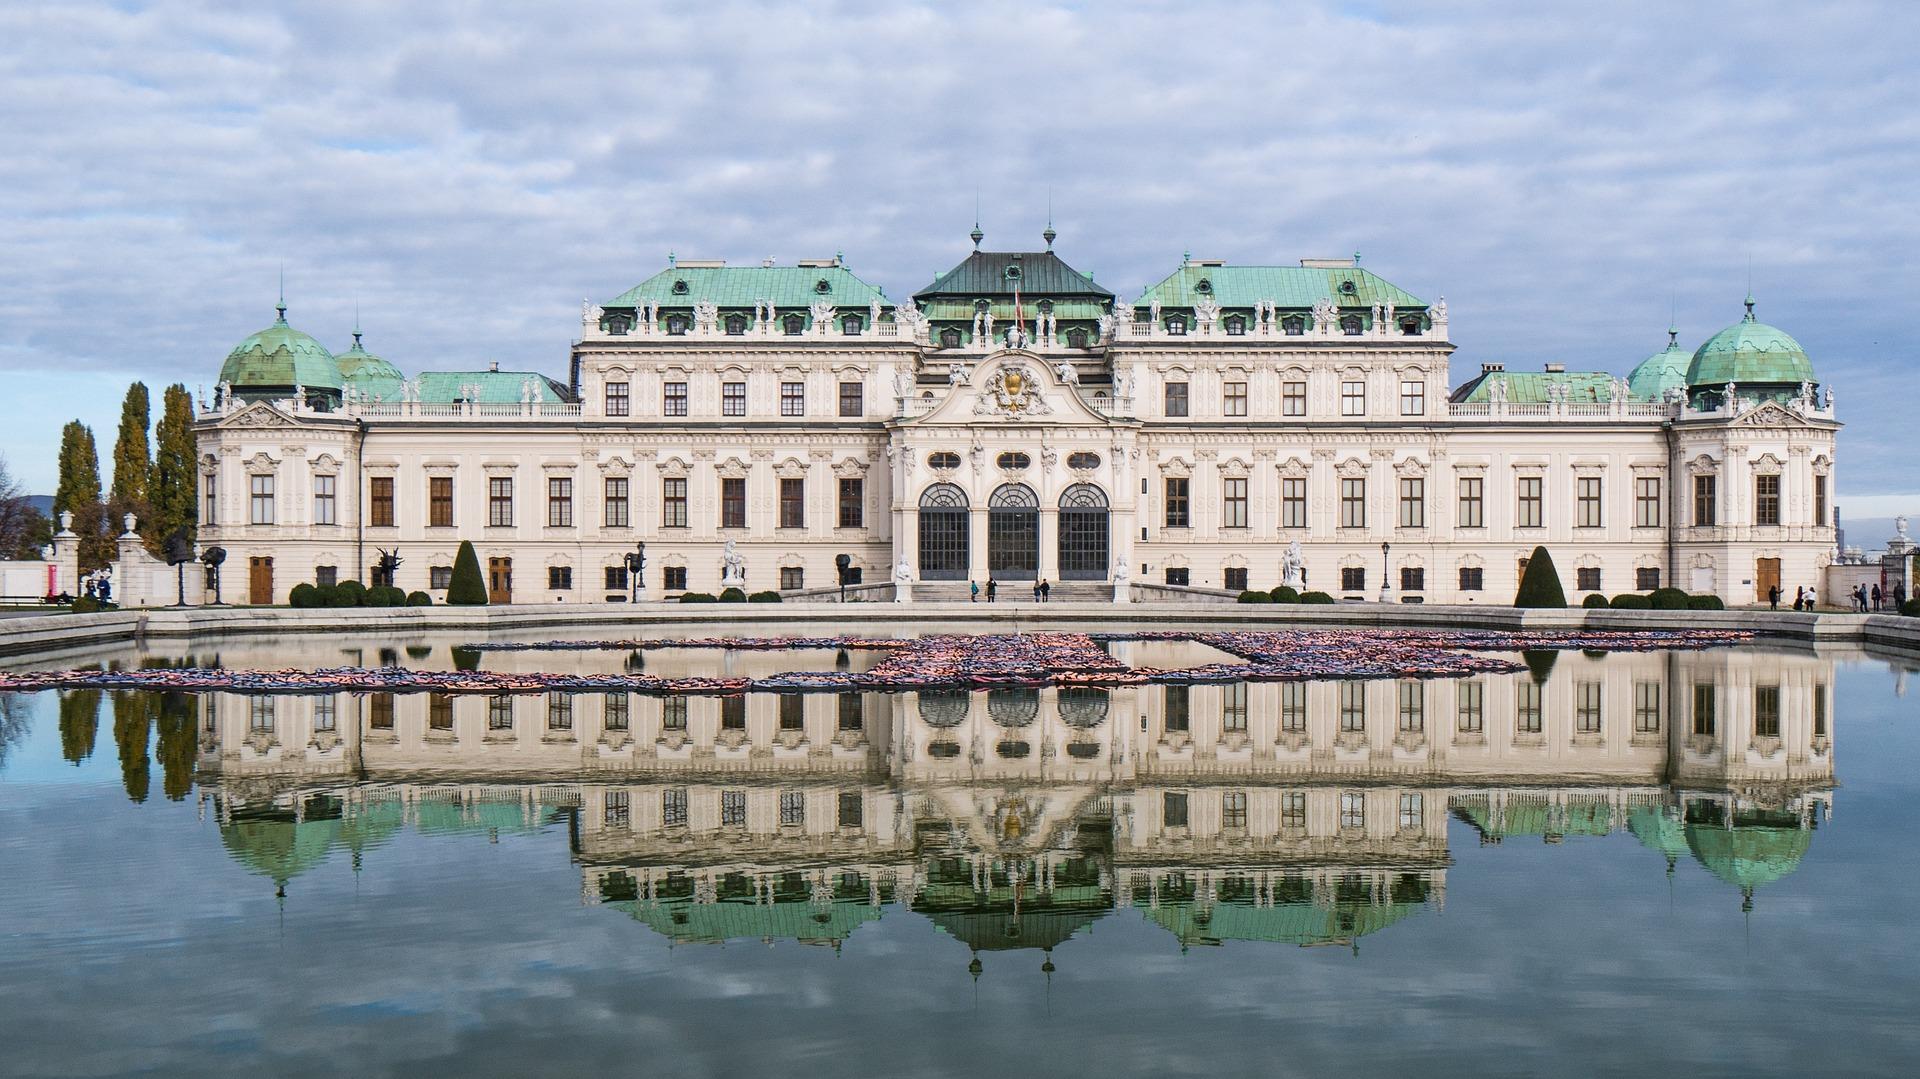 Ministrica kulture prisustvovat će Izložbi 'Izazov moderne: Beč – Zagreb oko 1900.' u Galeriji Belvedere u Beču